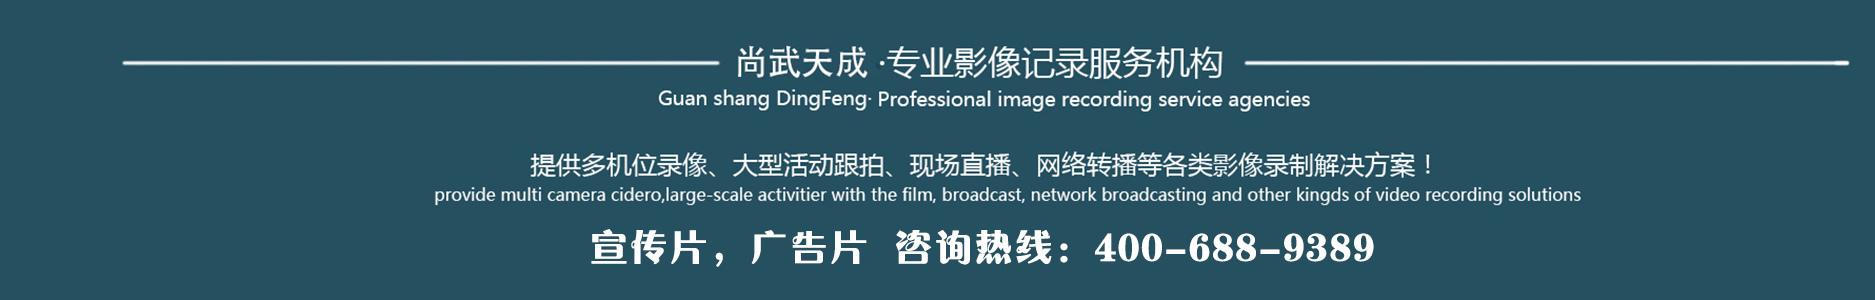 北京佑尚鼎丰文化传媒 banner